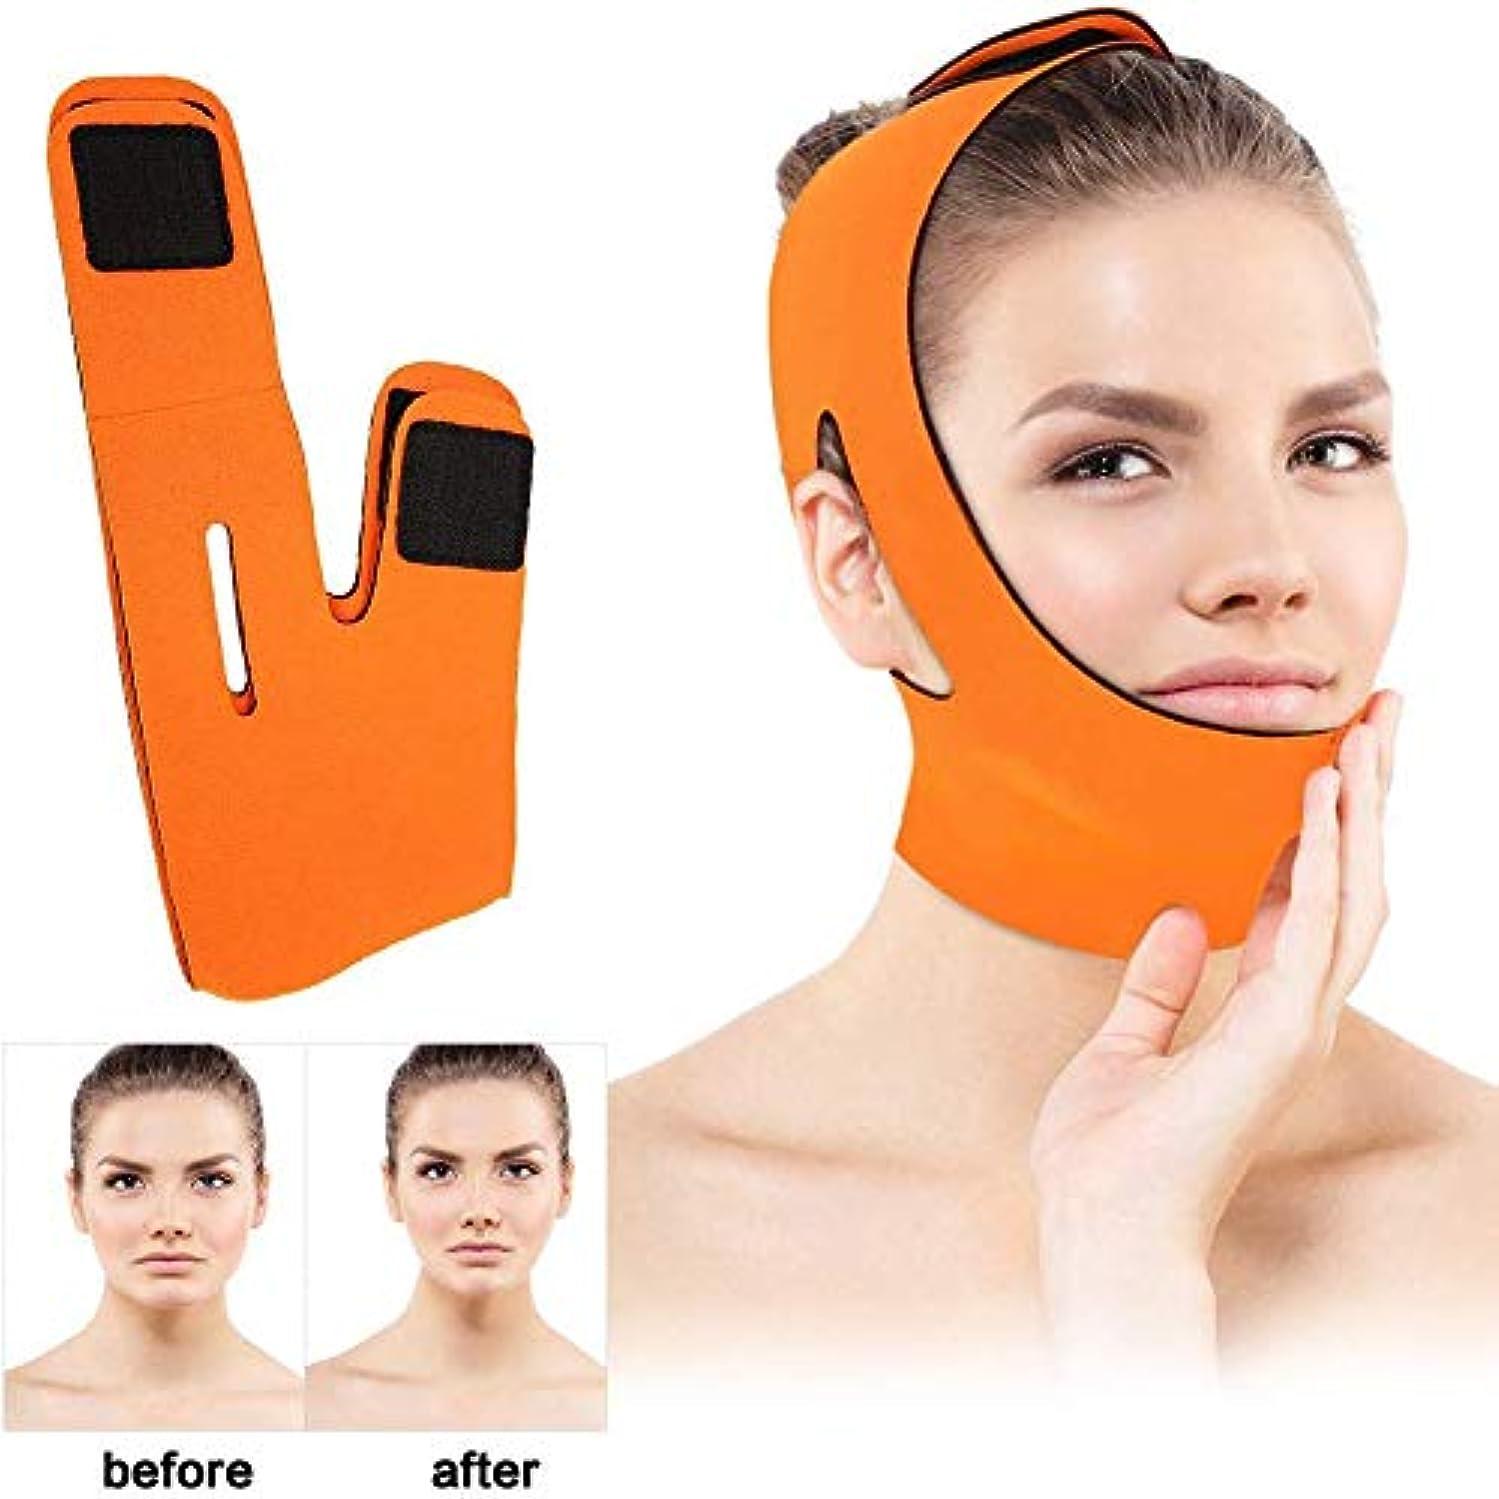 パスタ船形補体顔のリフティングスリミングベルト、Vフェイスラインベルト通気性のチンはアンチリンクル睡眠を持ち上げるダブルチンストラップを下げストラップマスク